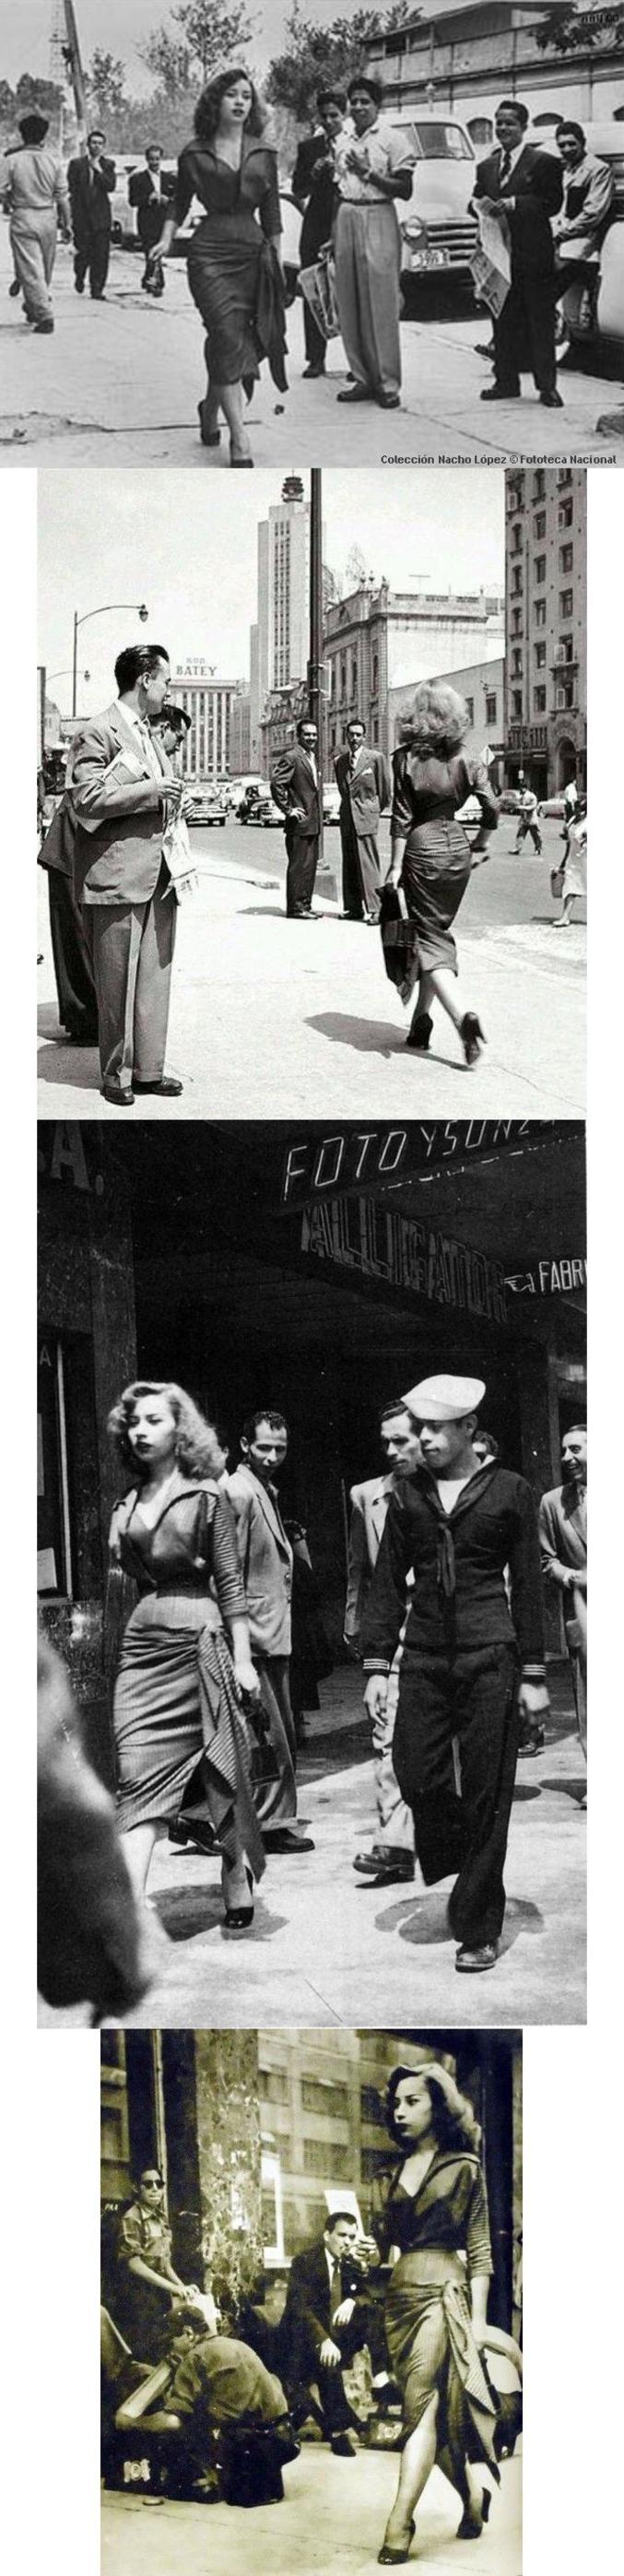 """Dans les années 50, le grand photographe mexicain """"lâche"""" une jeune fille dans les rues de Mexico, et s'emploie à photographier les réactions très machistes des passants masculins."""